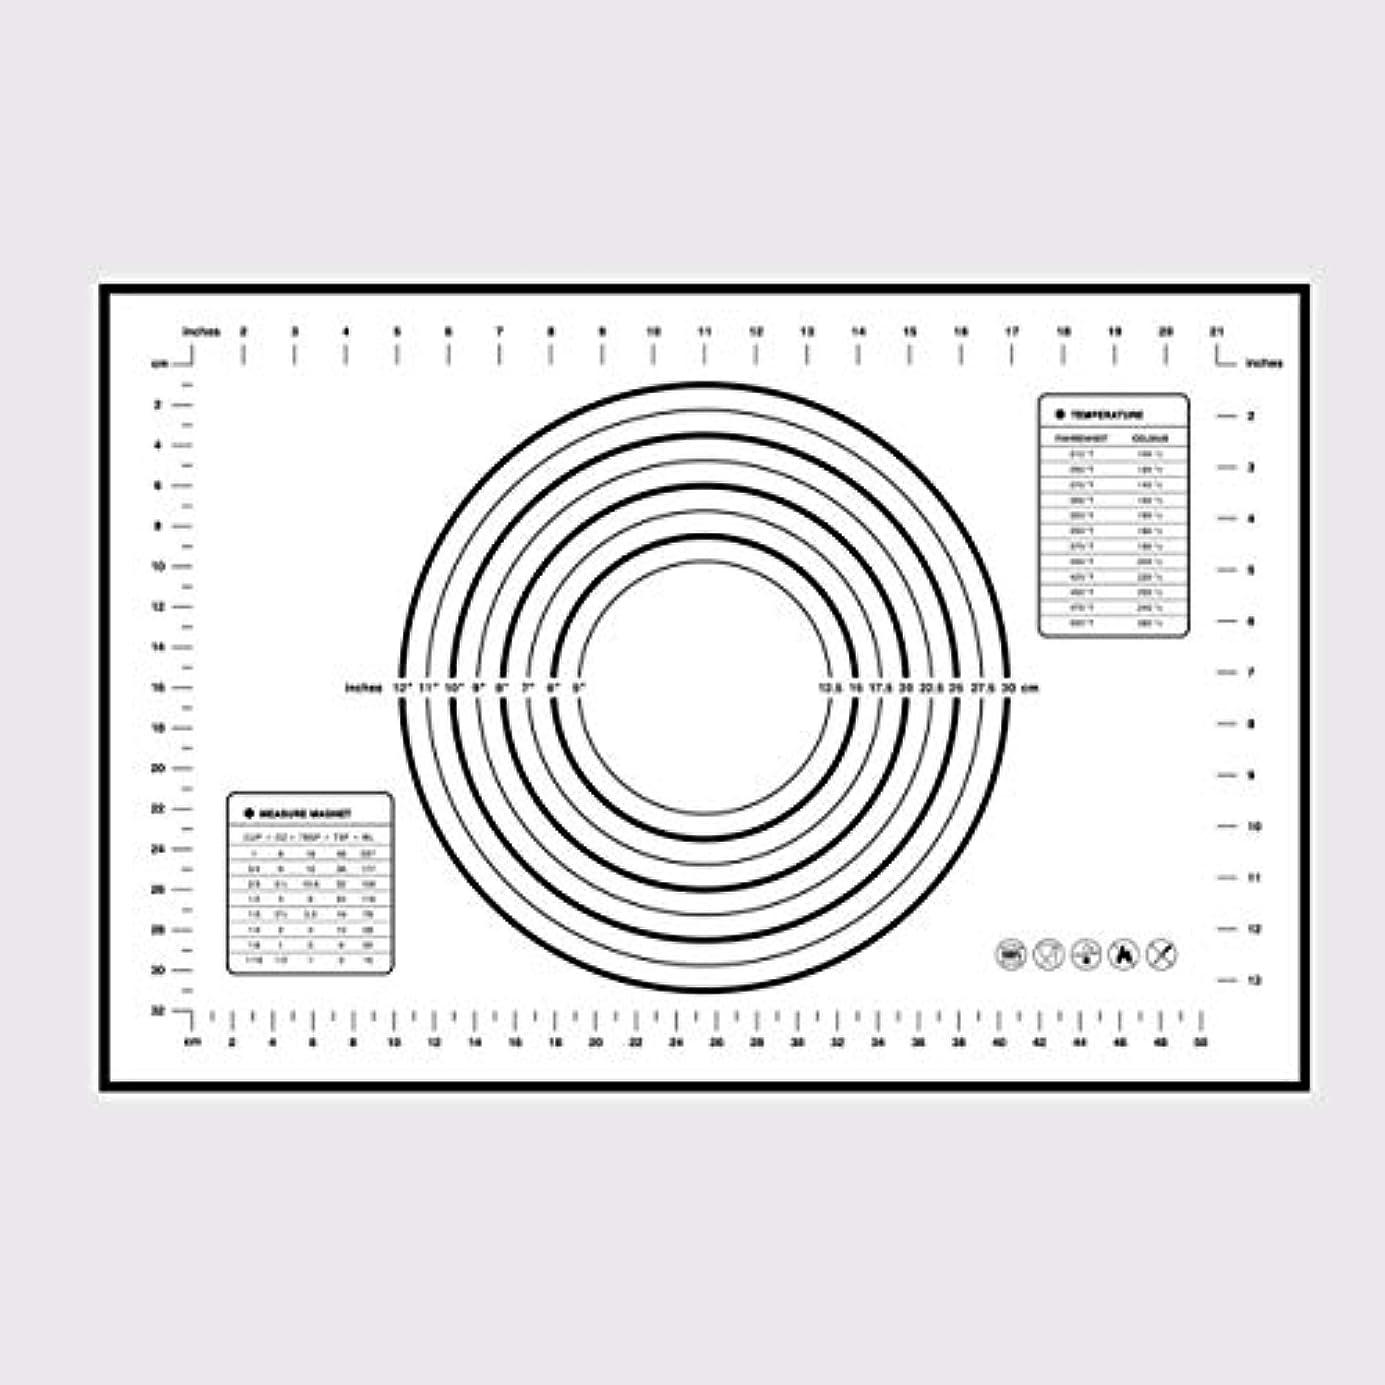 シャンプー連鎖評判Saikogoods シリコンベーキングマットピザ生地メーカーペストリーキッチンガジェットクッキングツール食器耐熱皿混練アクセサリー